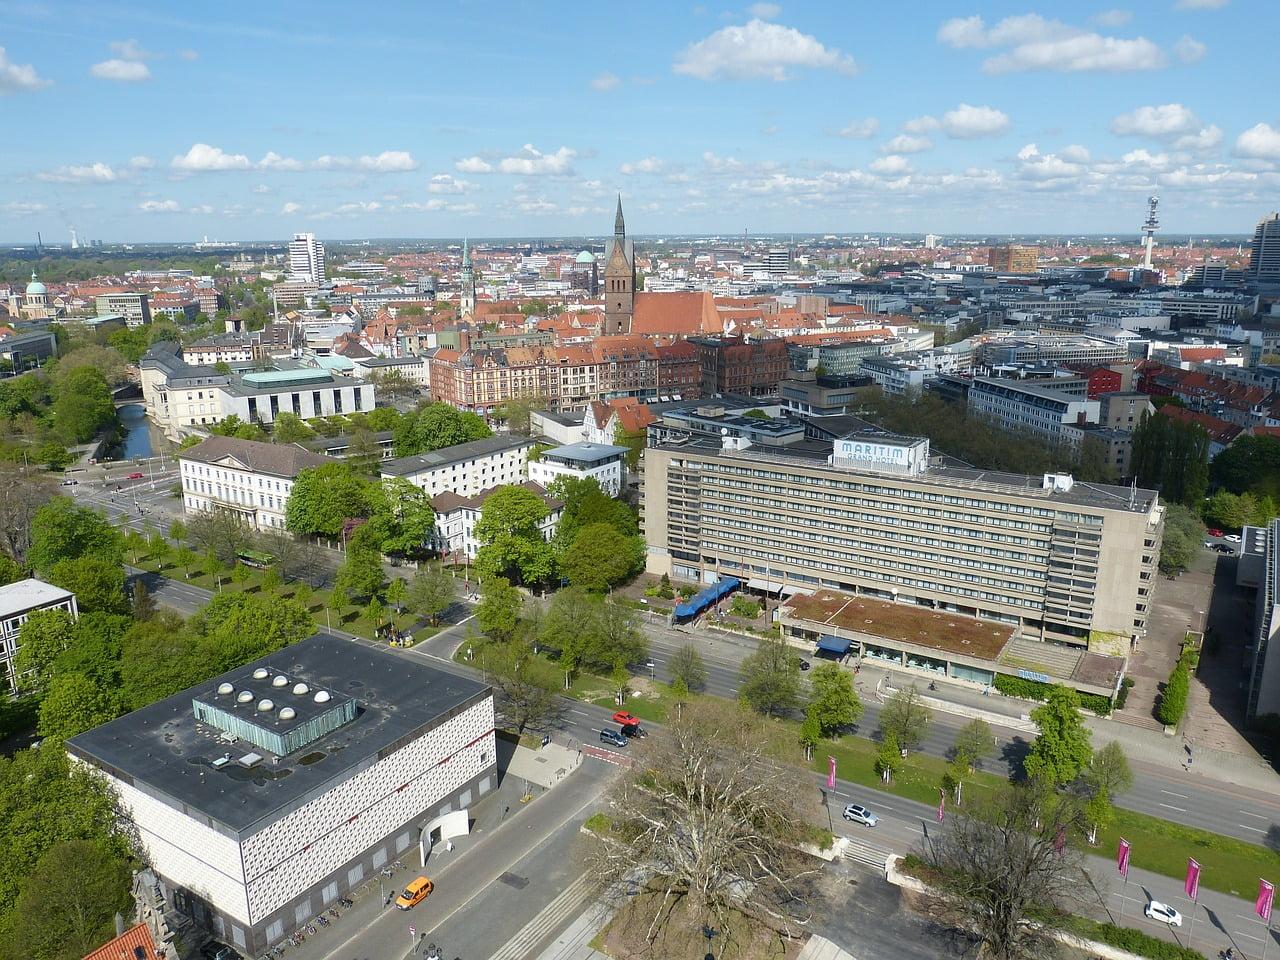 Der Markt für Gewerbeimmobilien wächst in Hannover